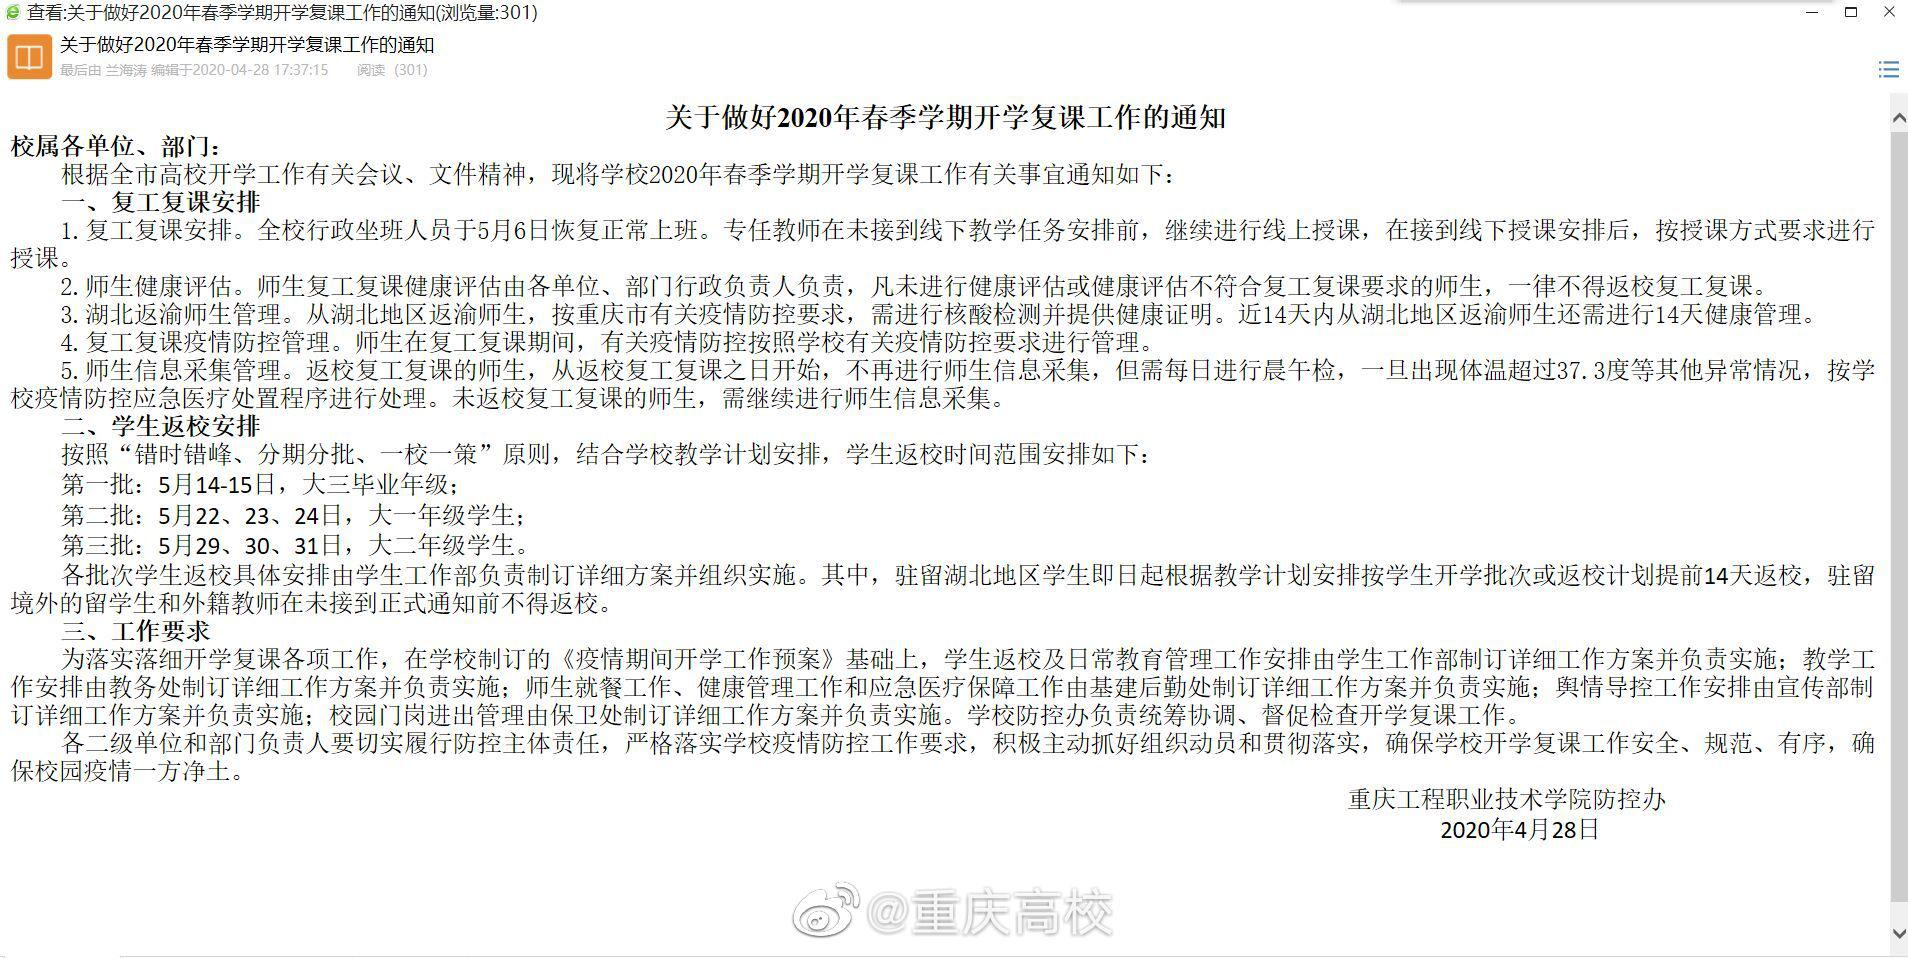 已发布开学时间通知的学校更新,重庆工程职业技术学院……